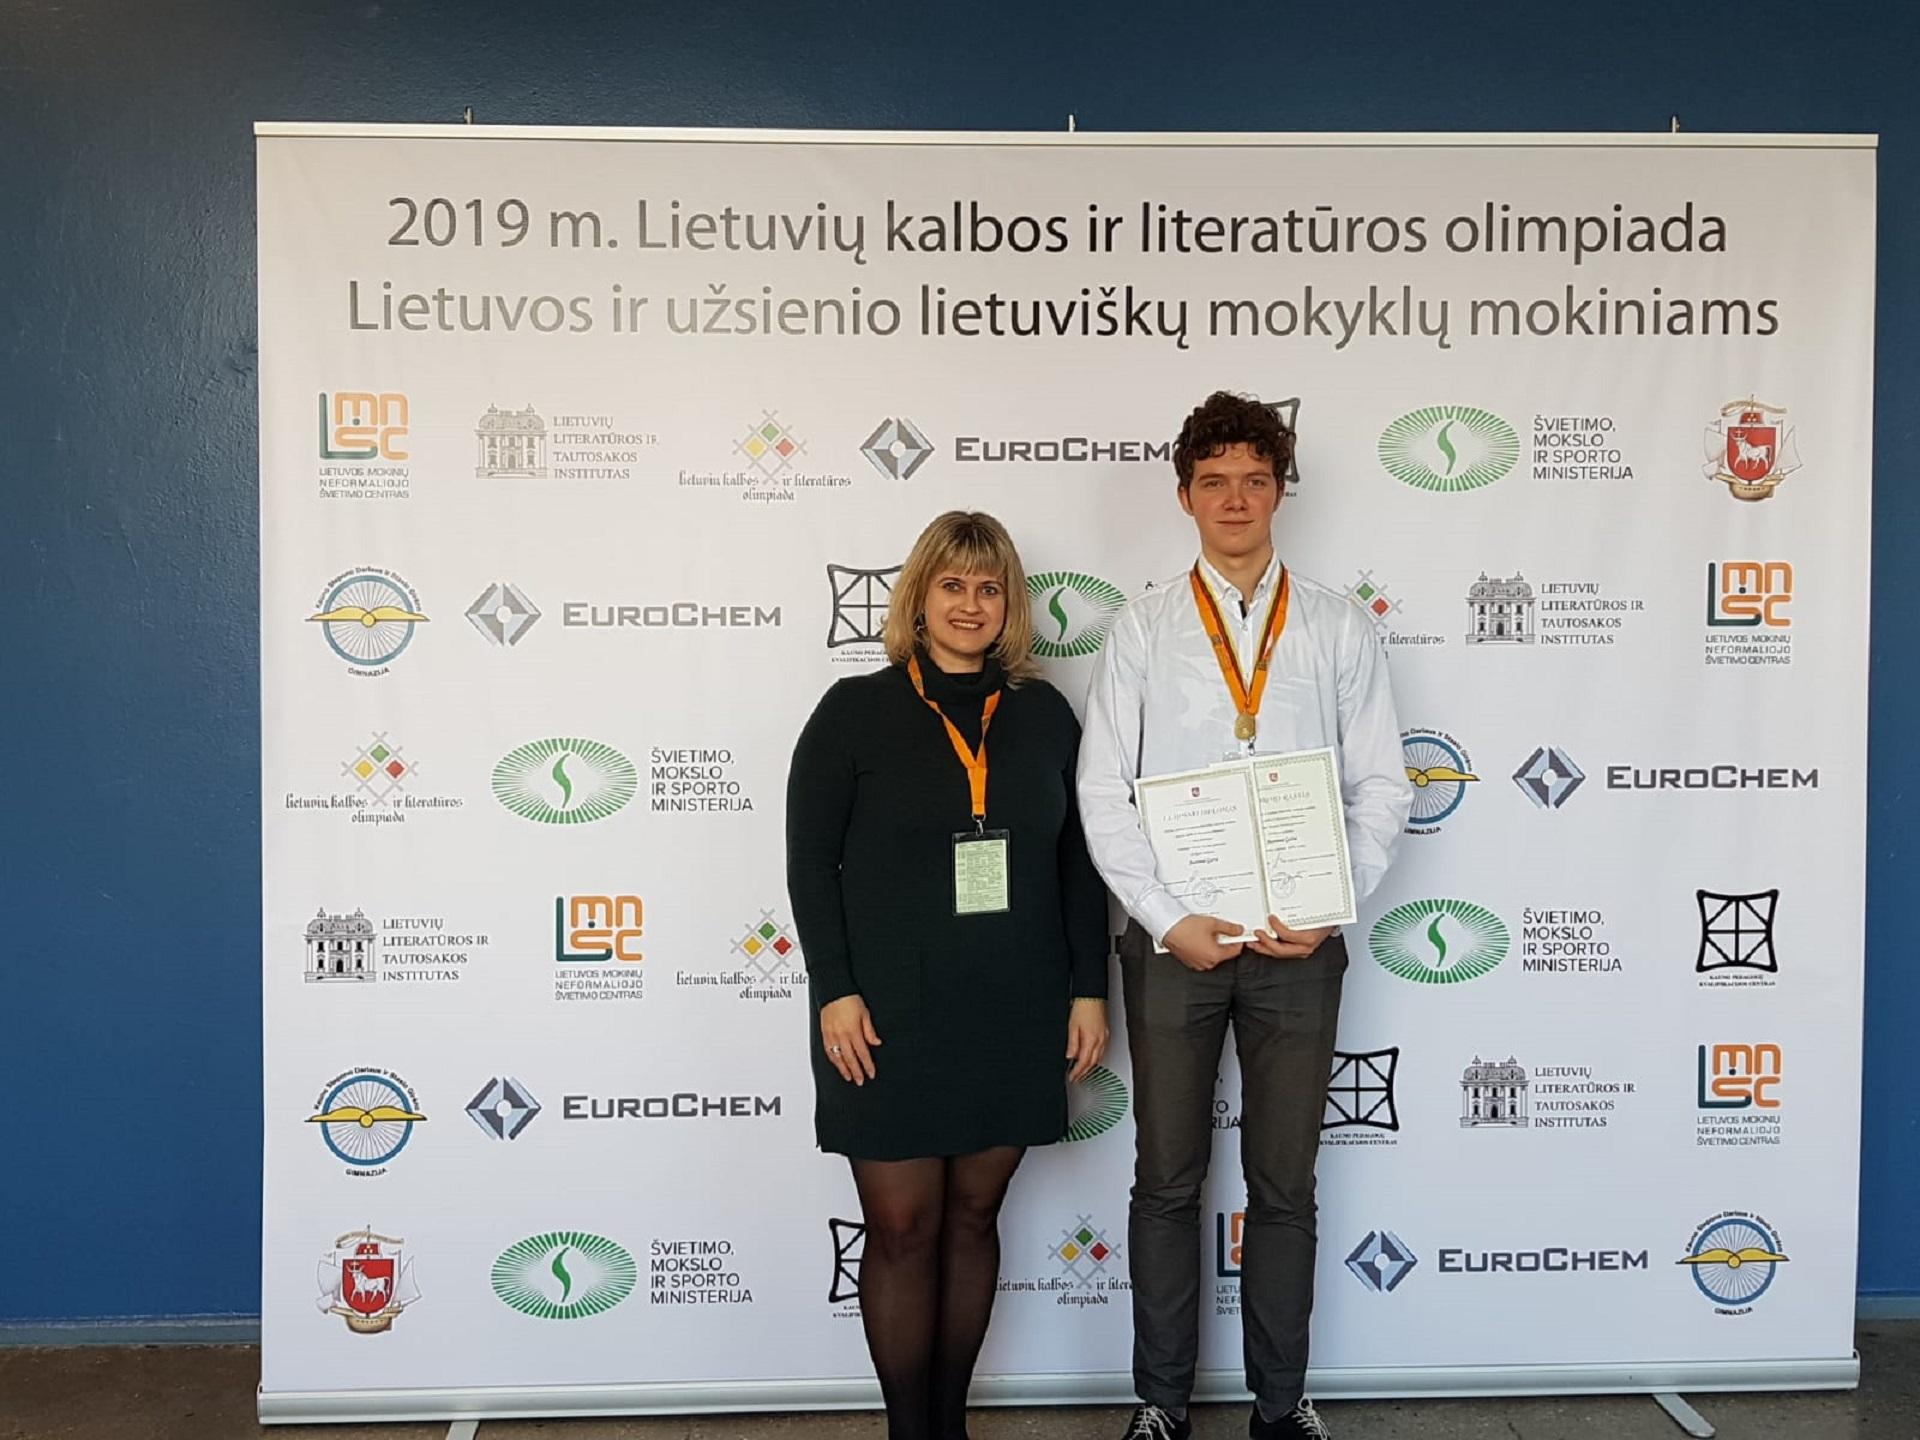 Mūsų gimnazistas – Lietuvių kalbos ir literatūros olimpiados nugalėtojas! (Foto: A. D'Elia)